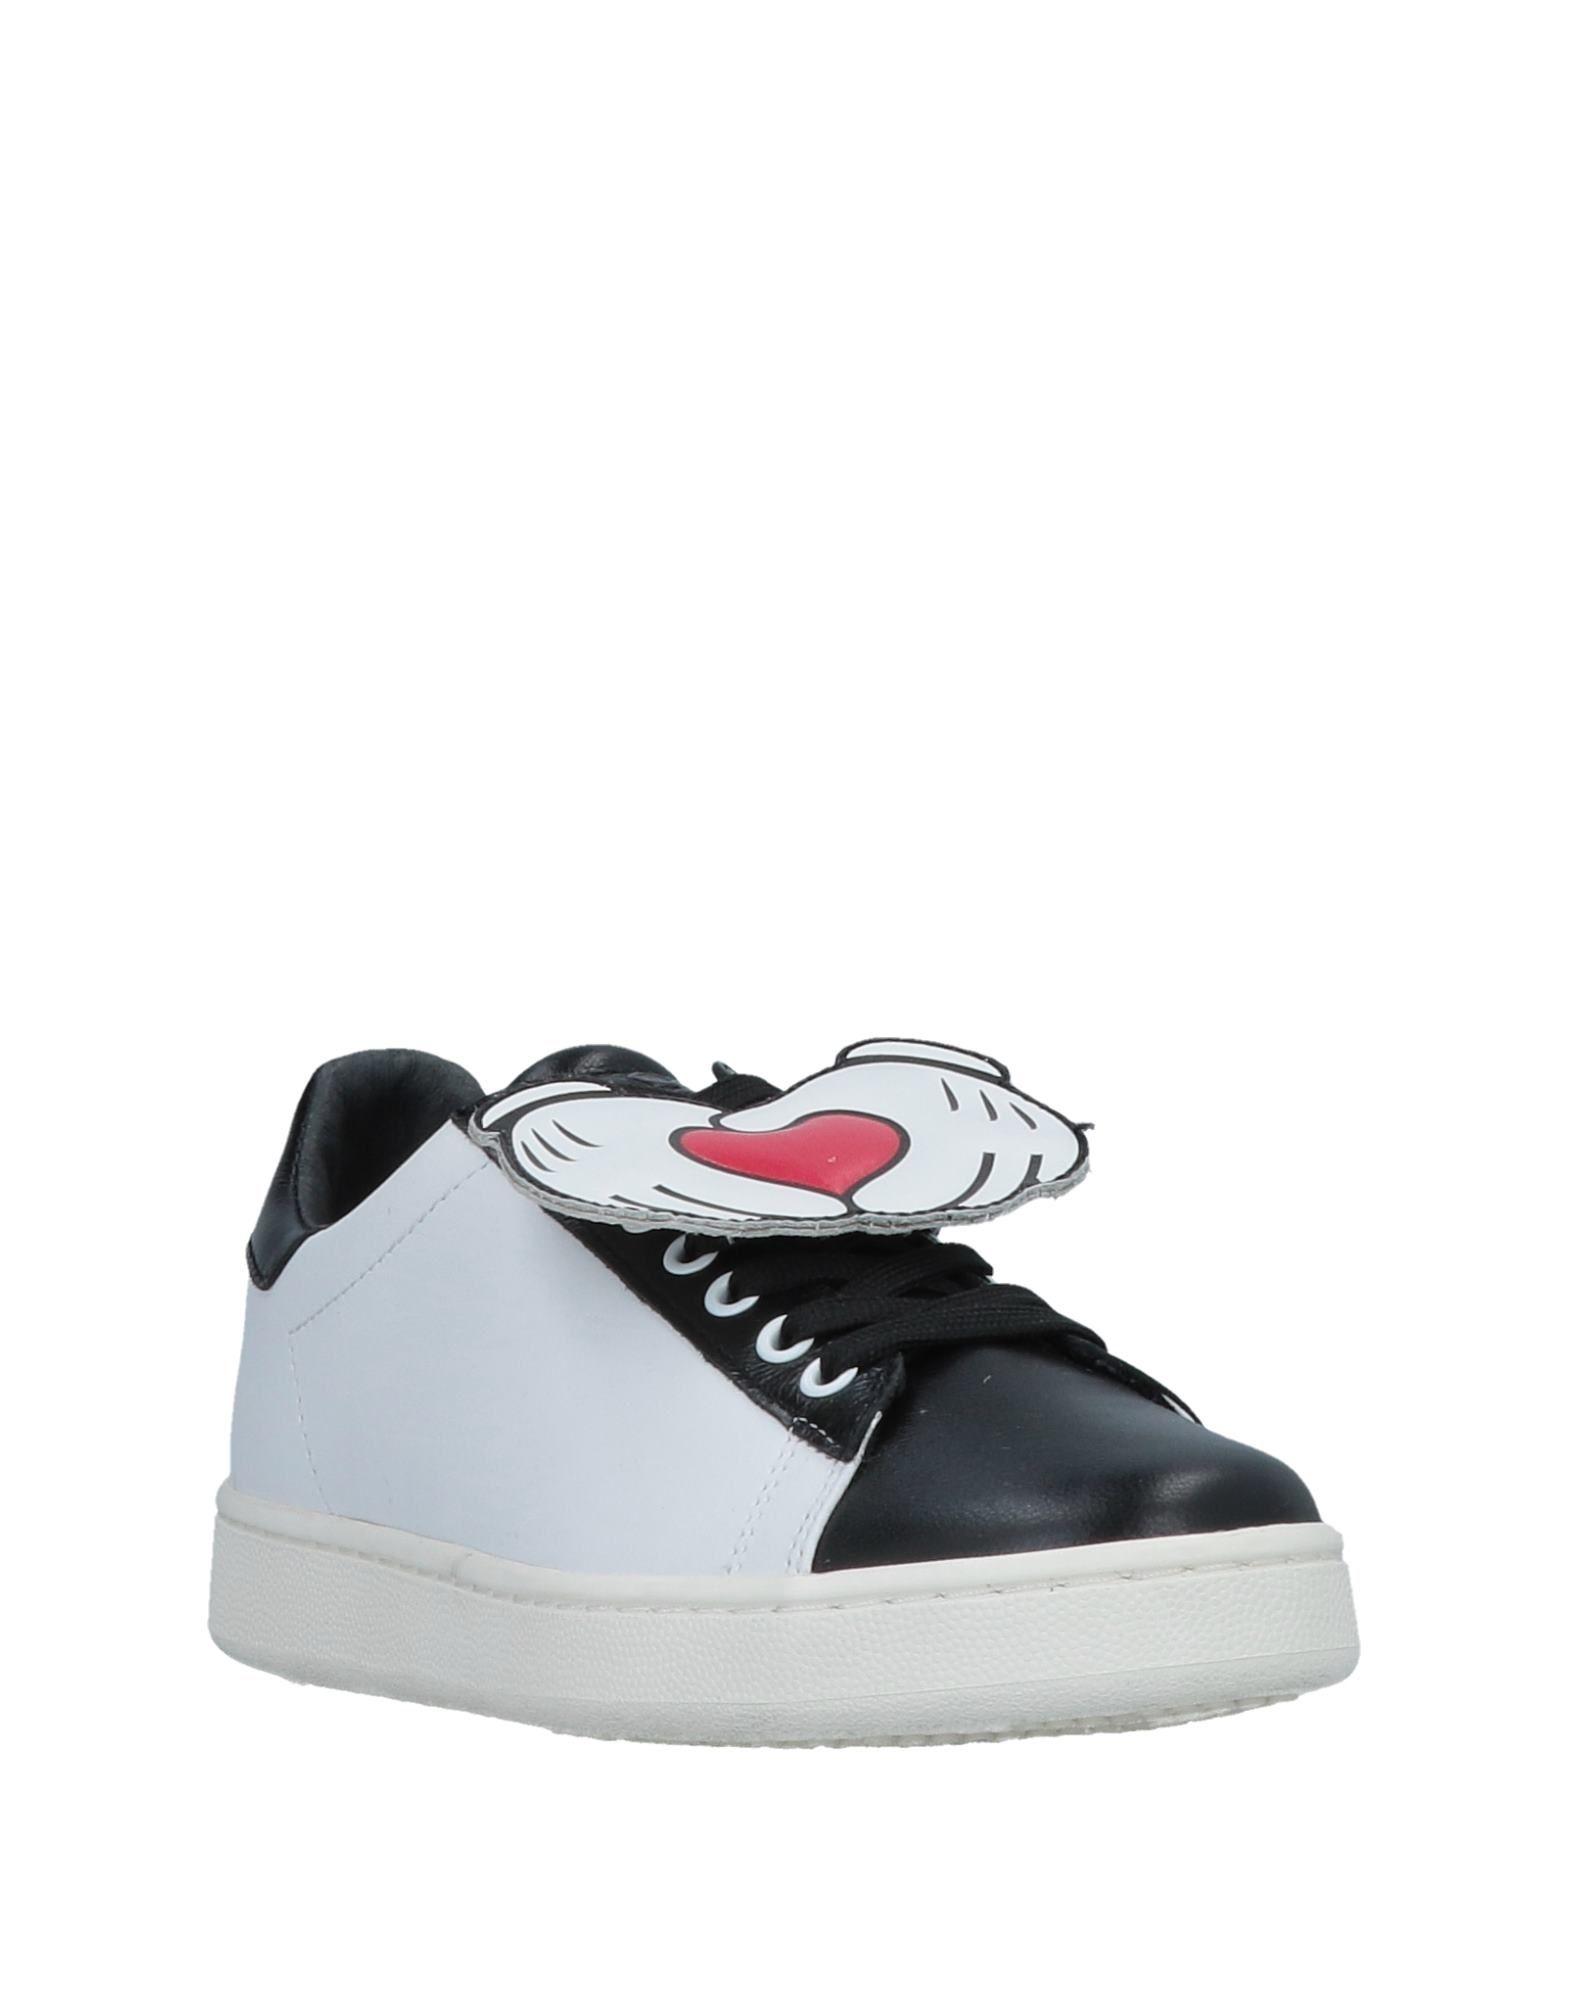 Moa Master Of Arts Turnschuhes Damen Schuhe 11509756MT Gute Qualität beliebte Schuhe Damen 6eee9e